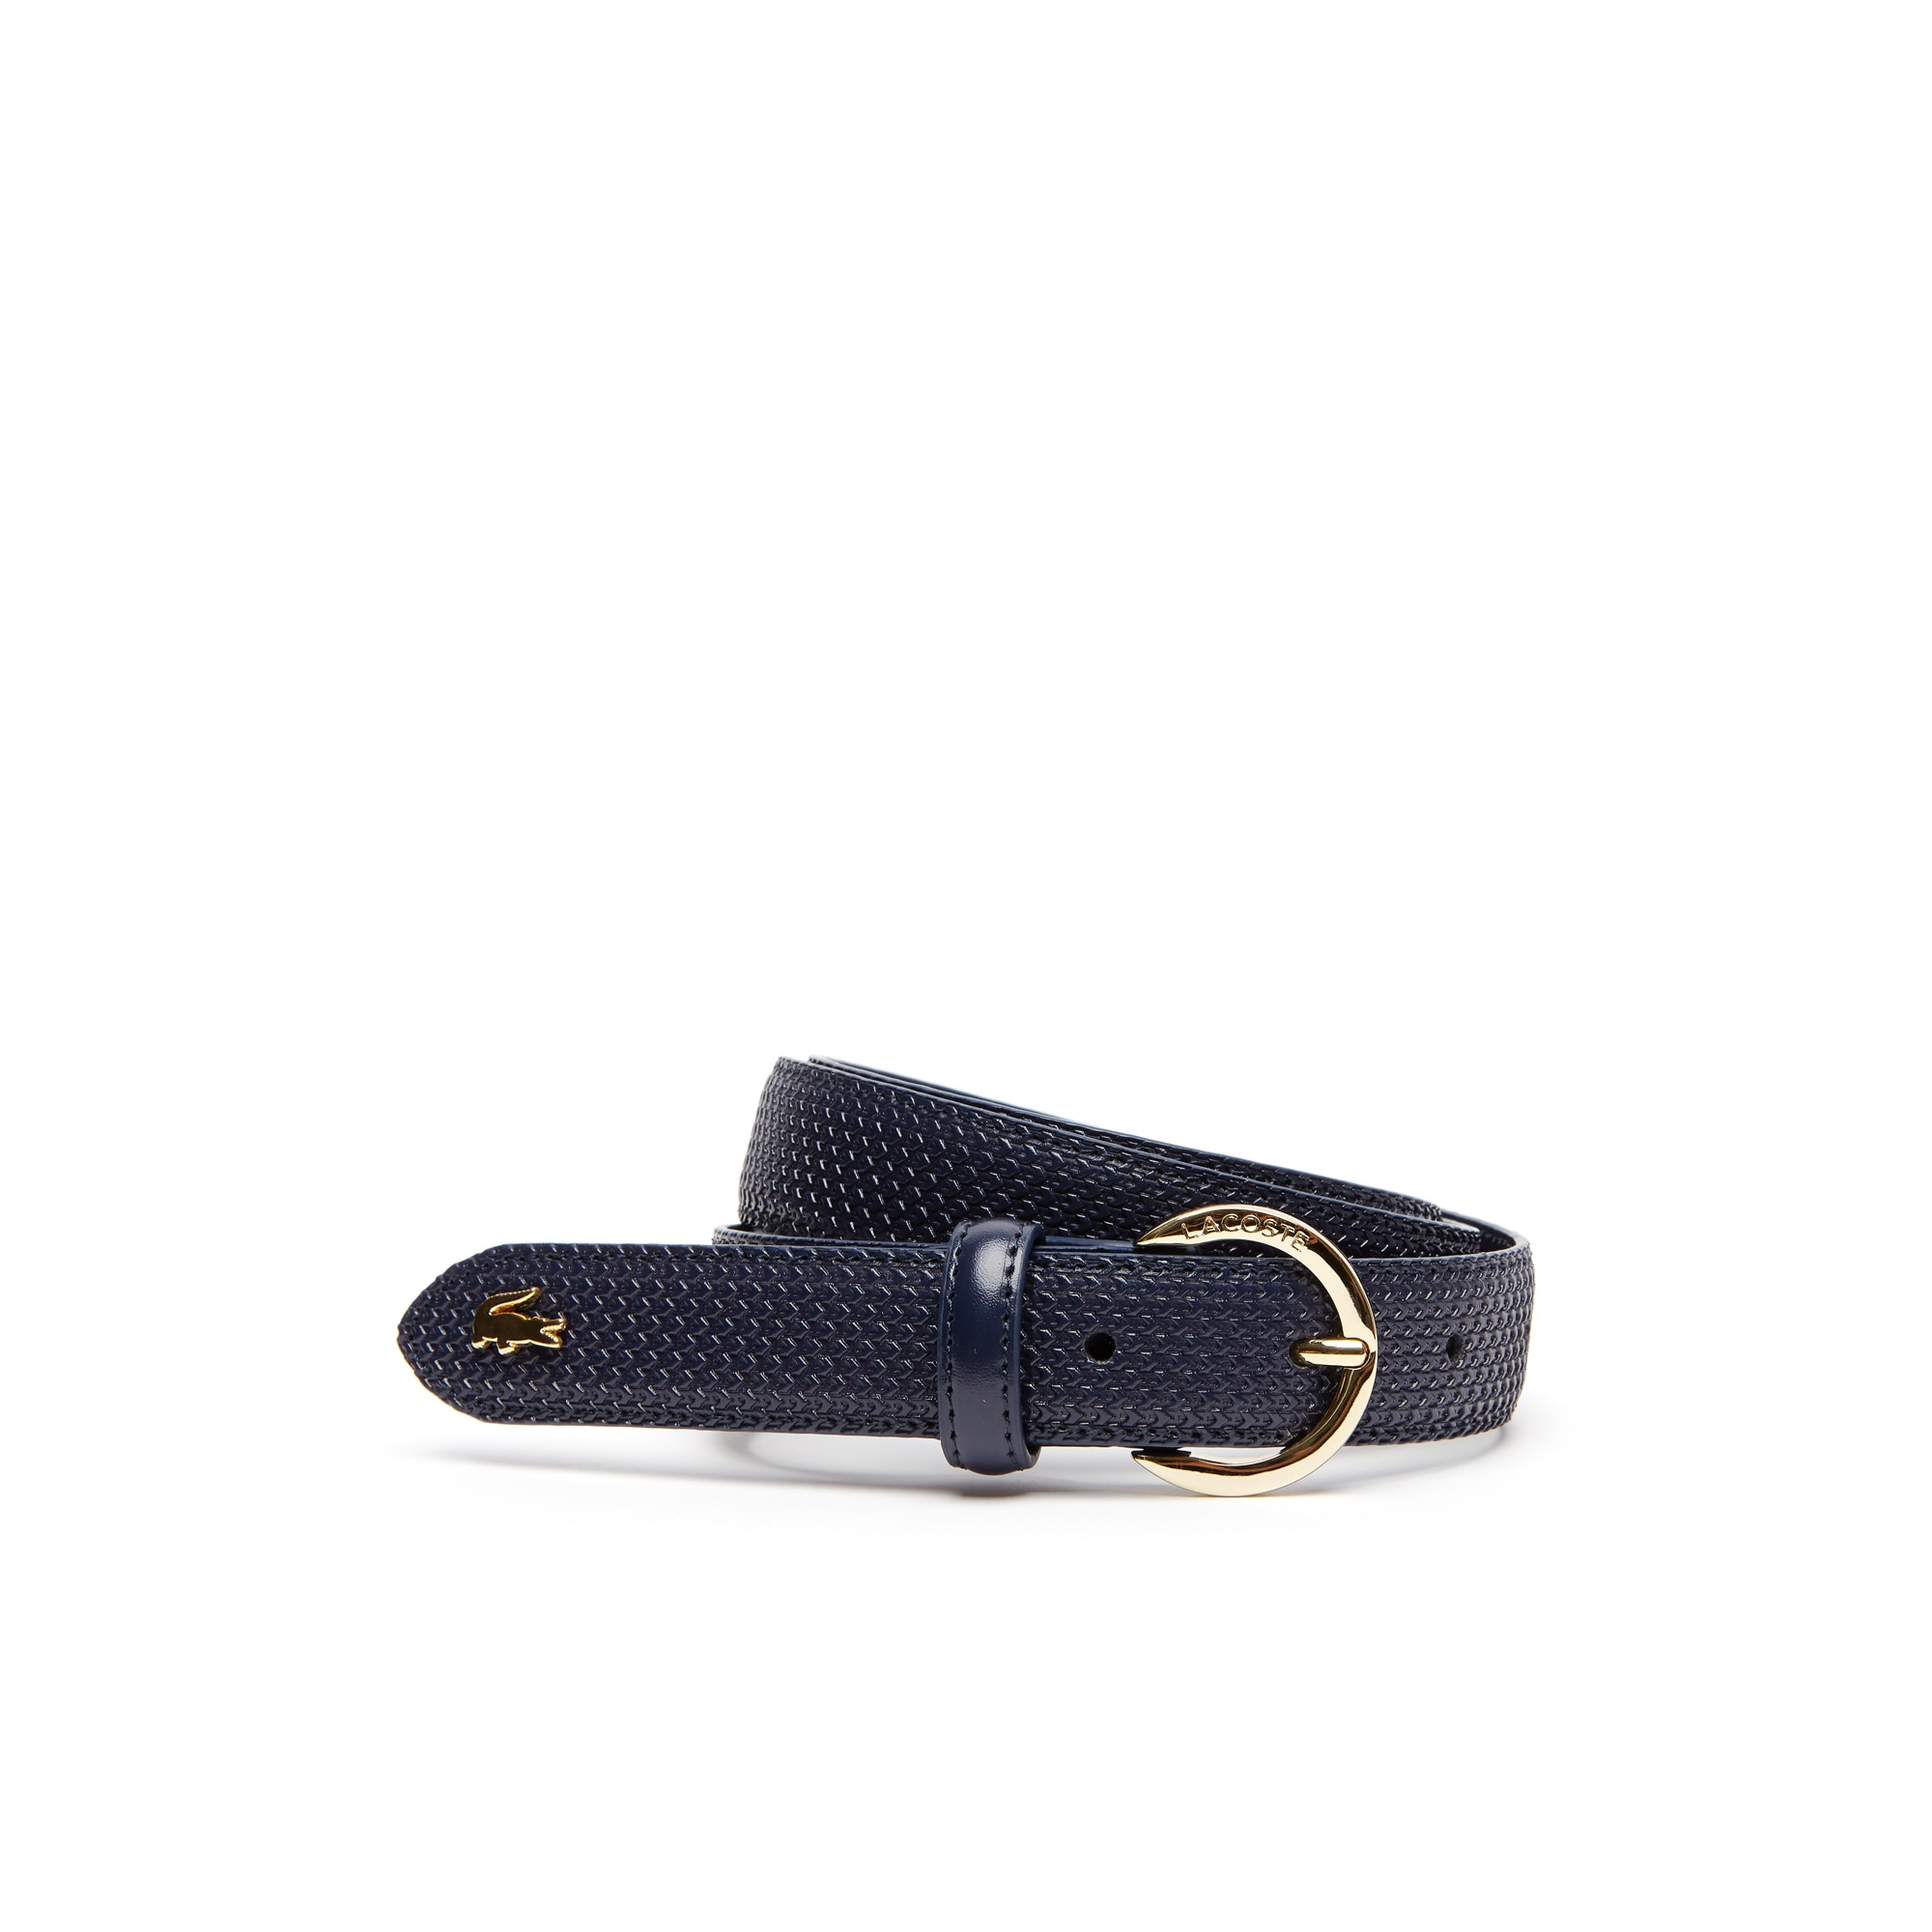 Cintura in pelle Chantaco con fibbia rotonda dotata di incisione Lacoste